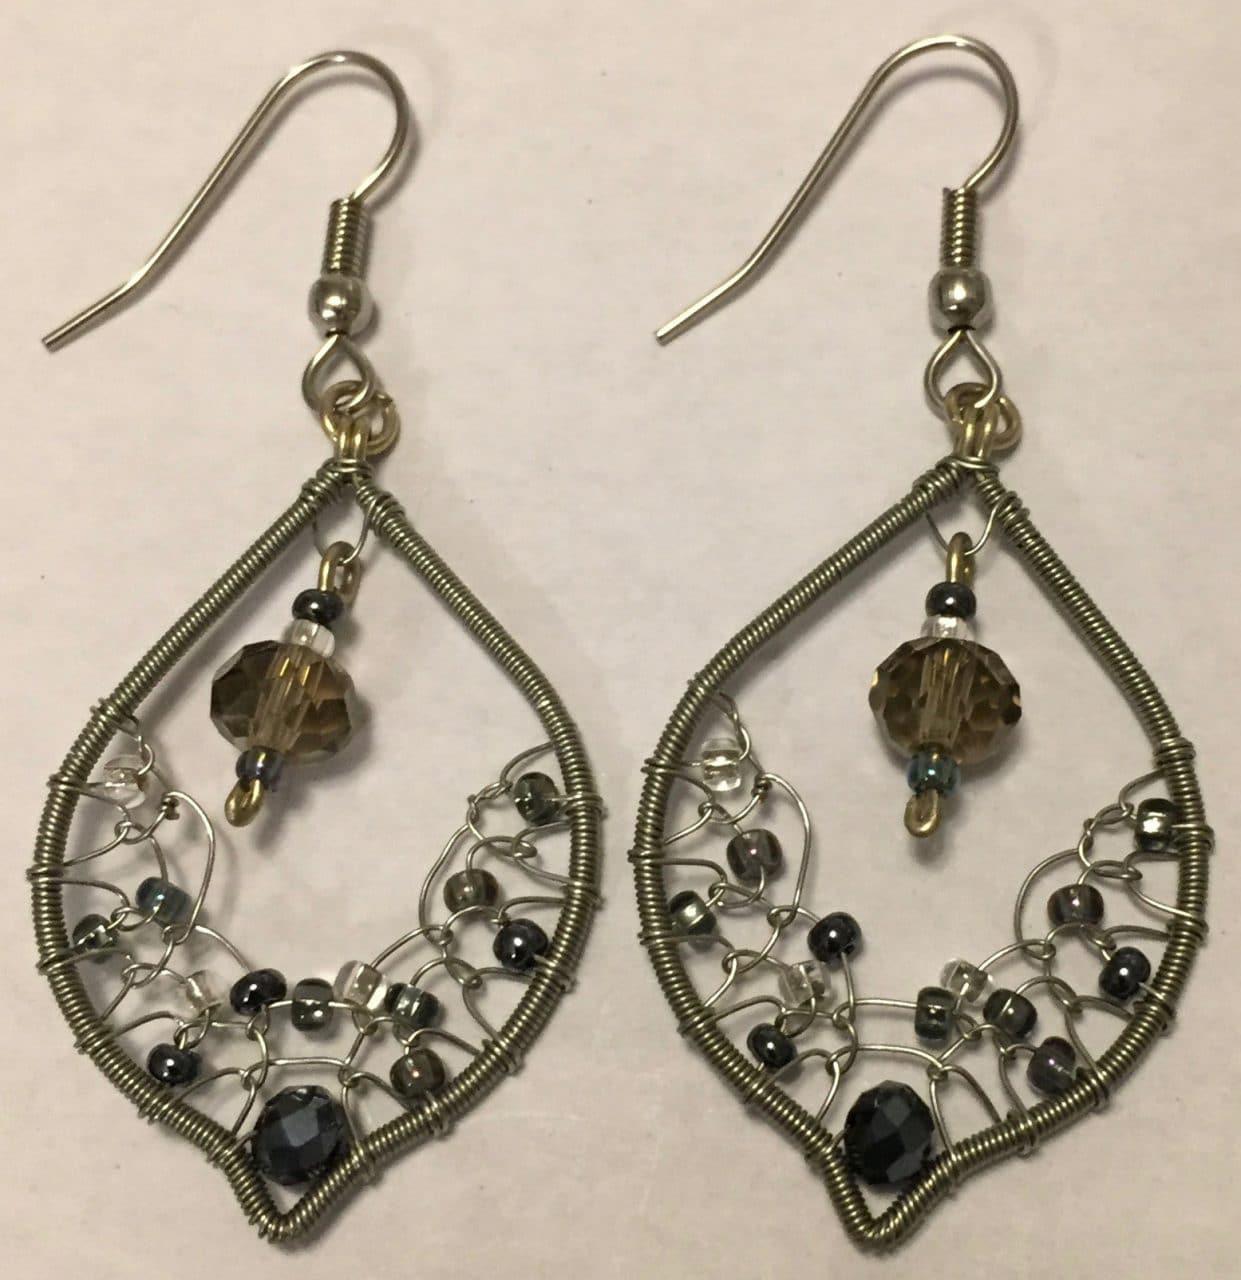 Arabian Nights Earrings - Grays